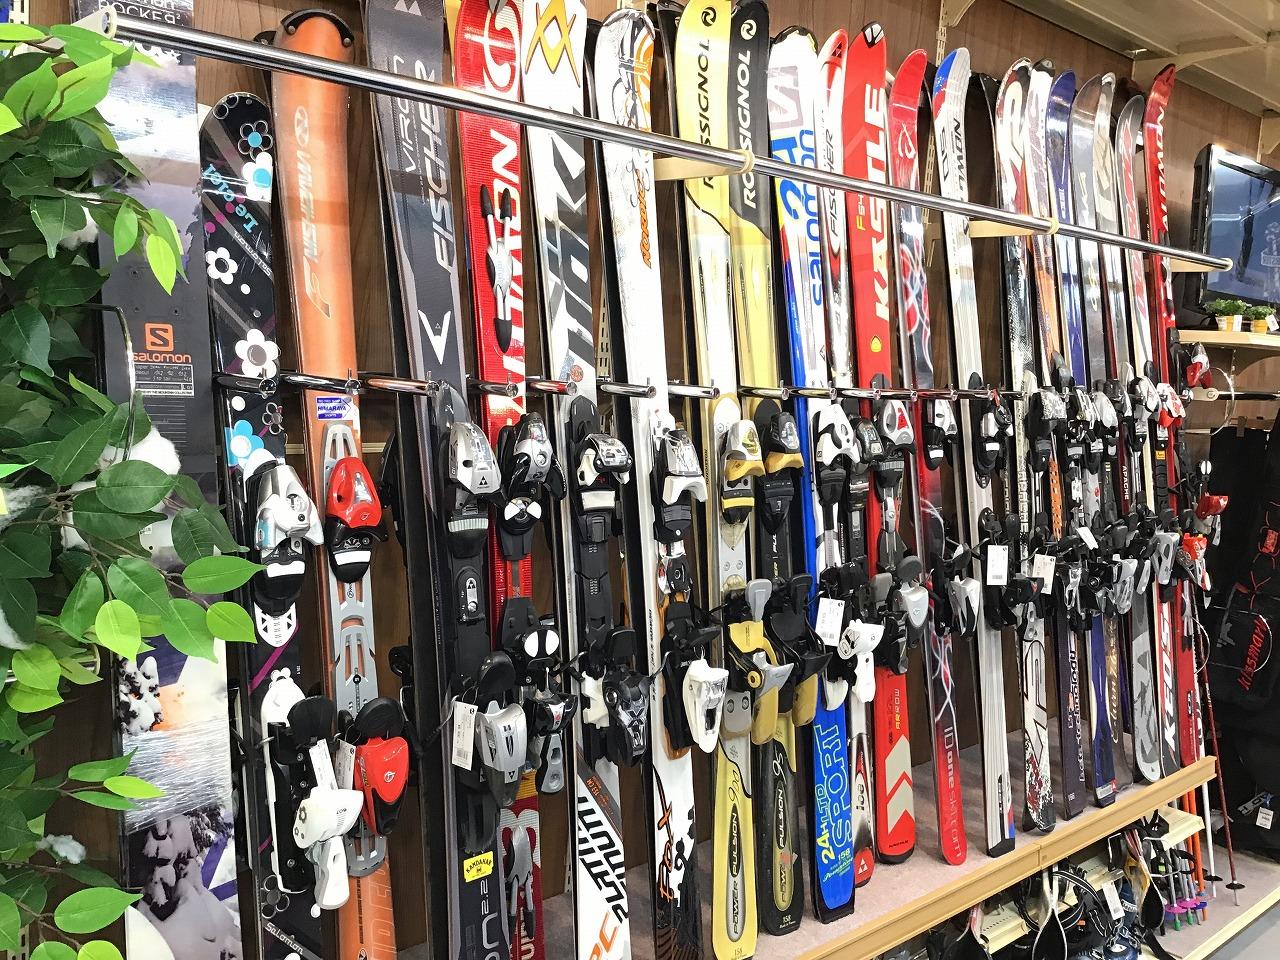 【中古・買取】スキー用品の買取は是非トレファクスポーツ幕張店へ!